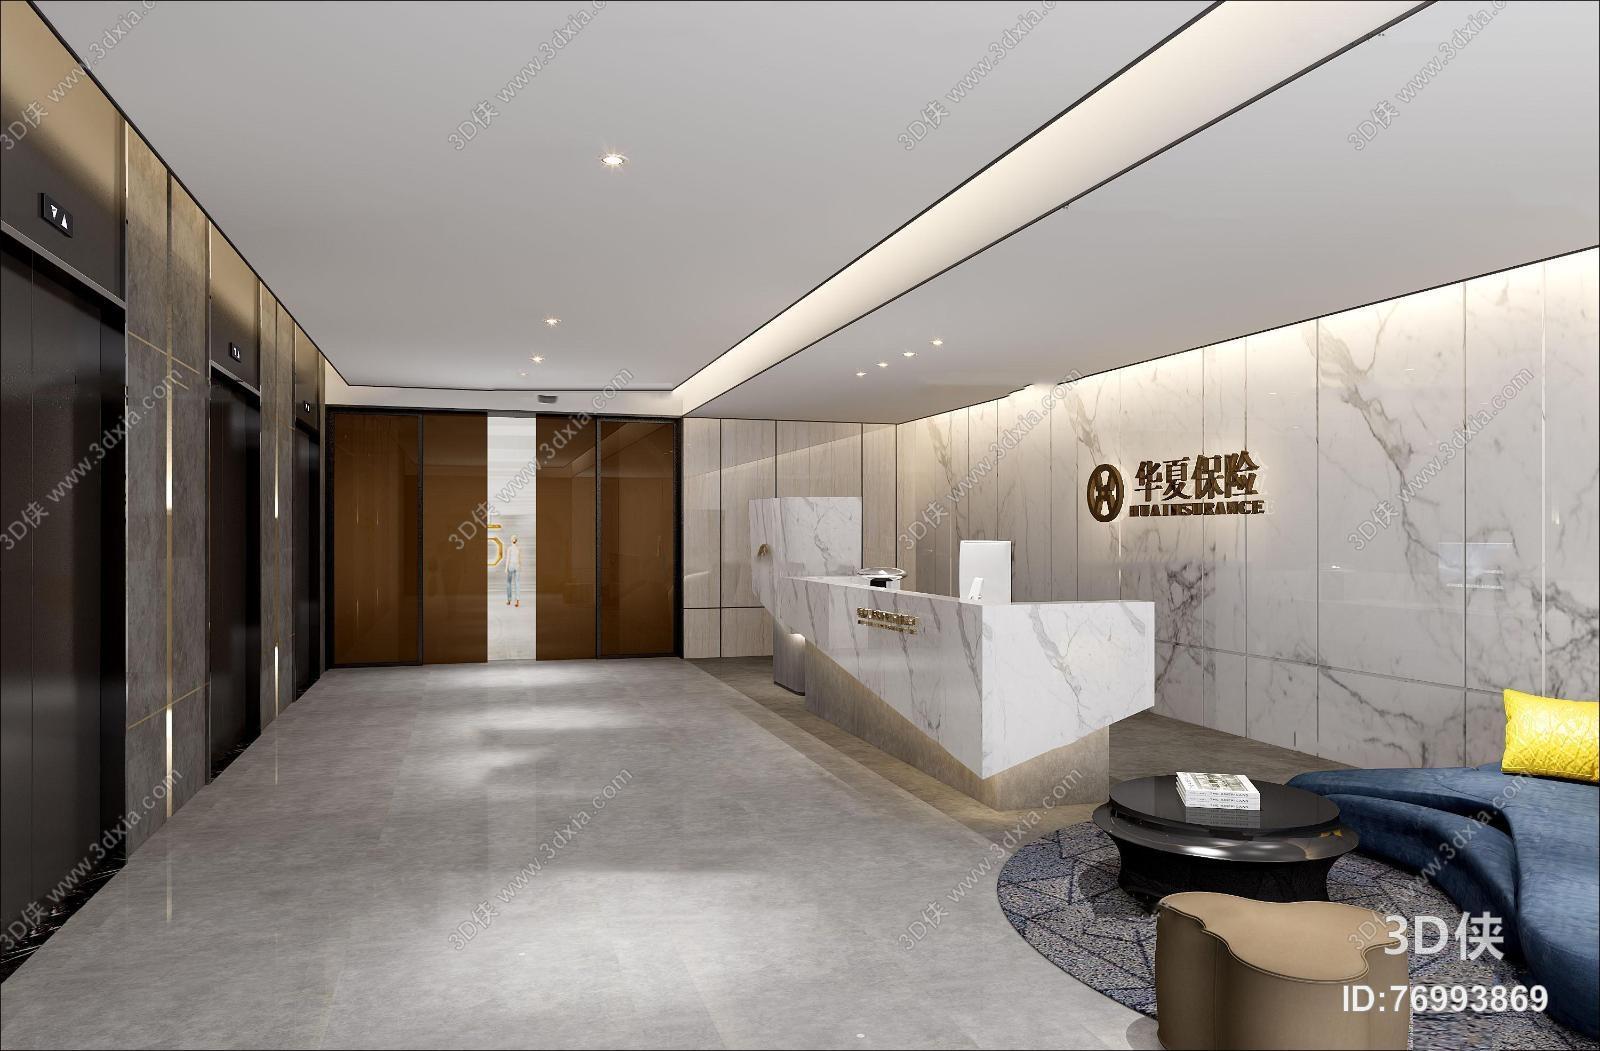 图素材免费下载,本作品主题是现代保险公司办公楼前台接待大堂3d模型